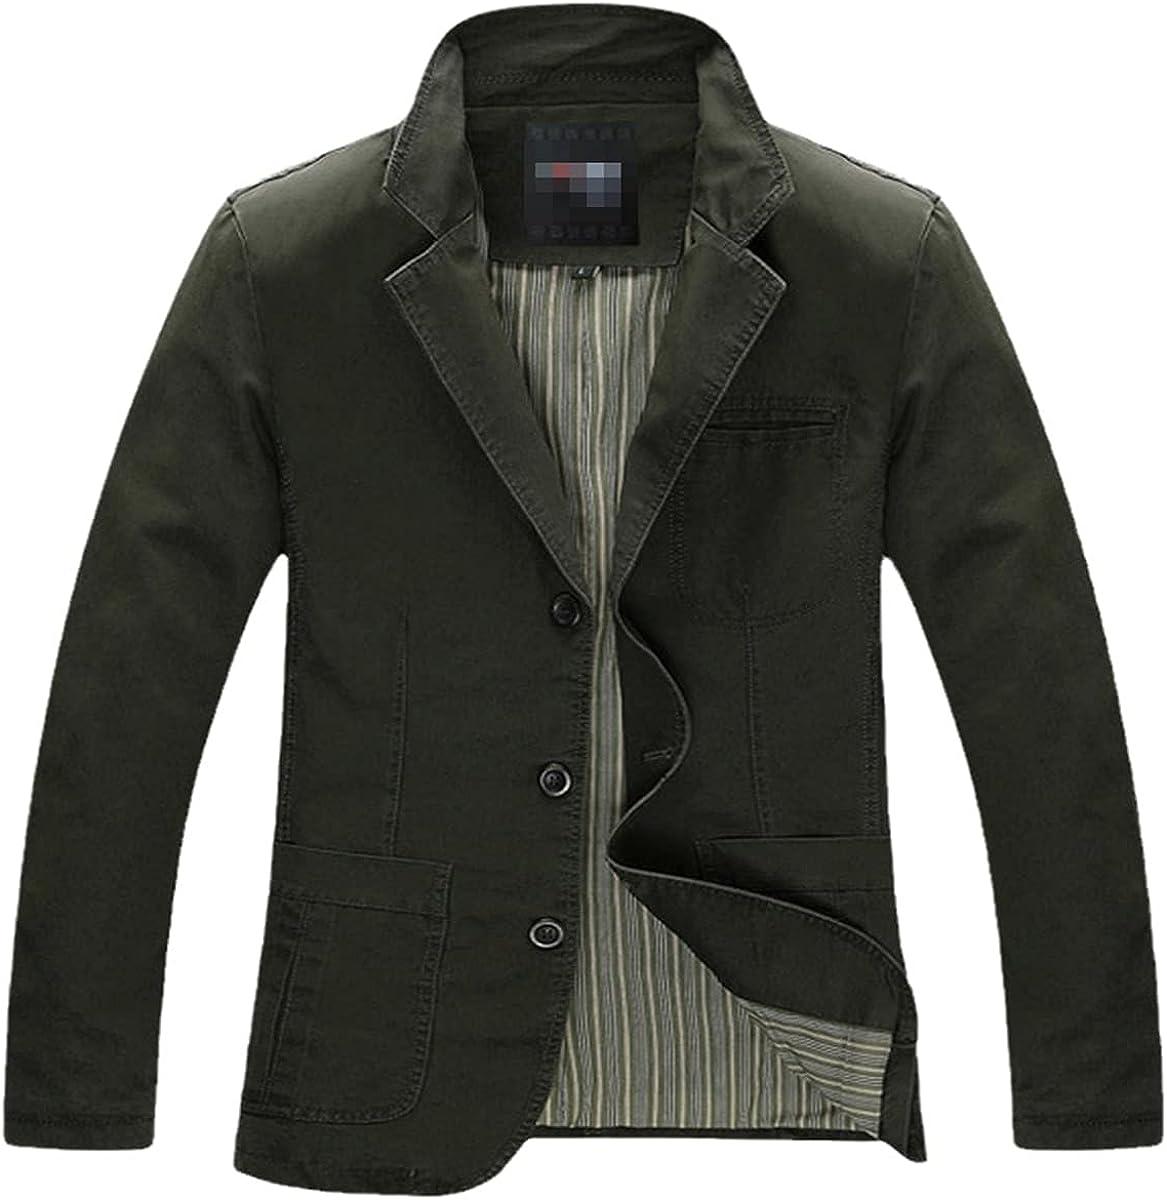 DFLYHLH Spring and Autumn Men's Casual Suit Jacket Cotton Denim Jacket Jacket Men's Slim Green Khaki Suit